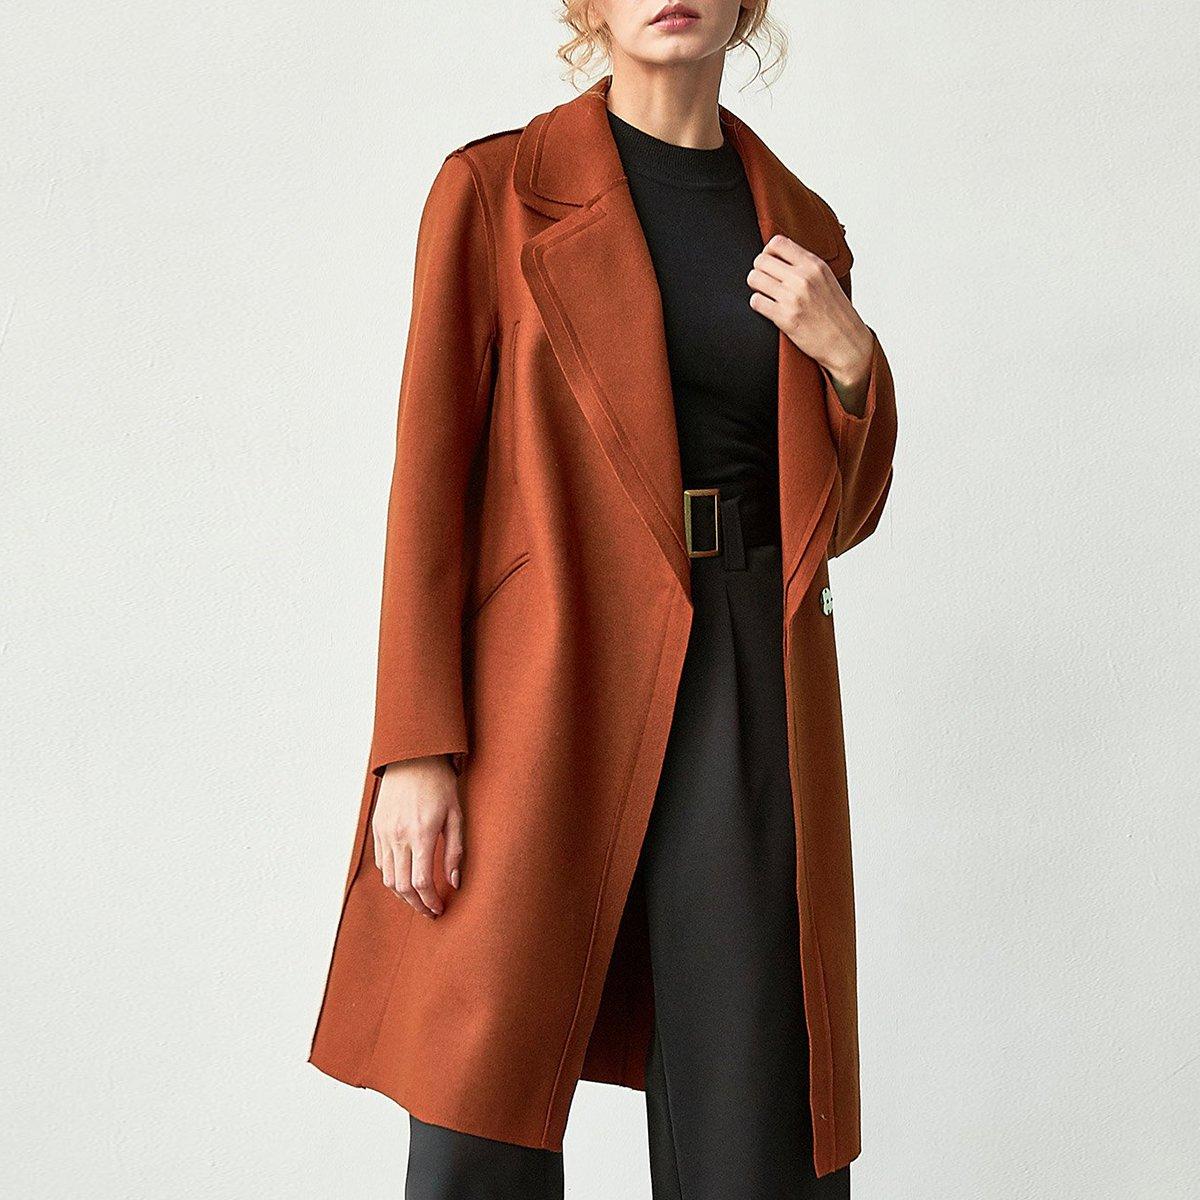 Mùa đông sản phẩm mới của phụ nữ màu rắn ve áo che giấu nút áo len dài giữa - Trung bình và dài Coat